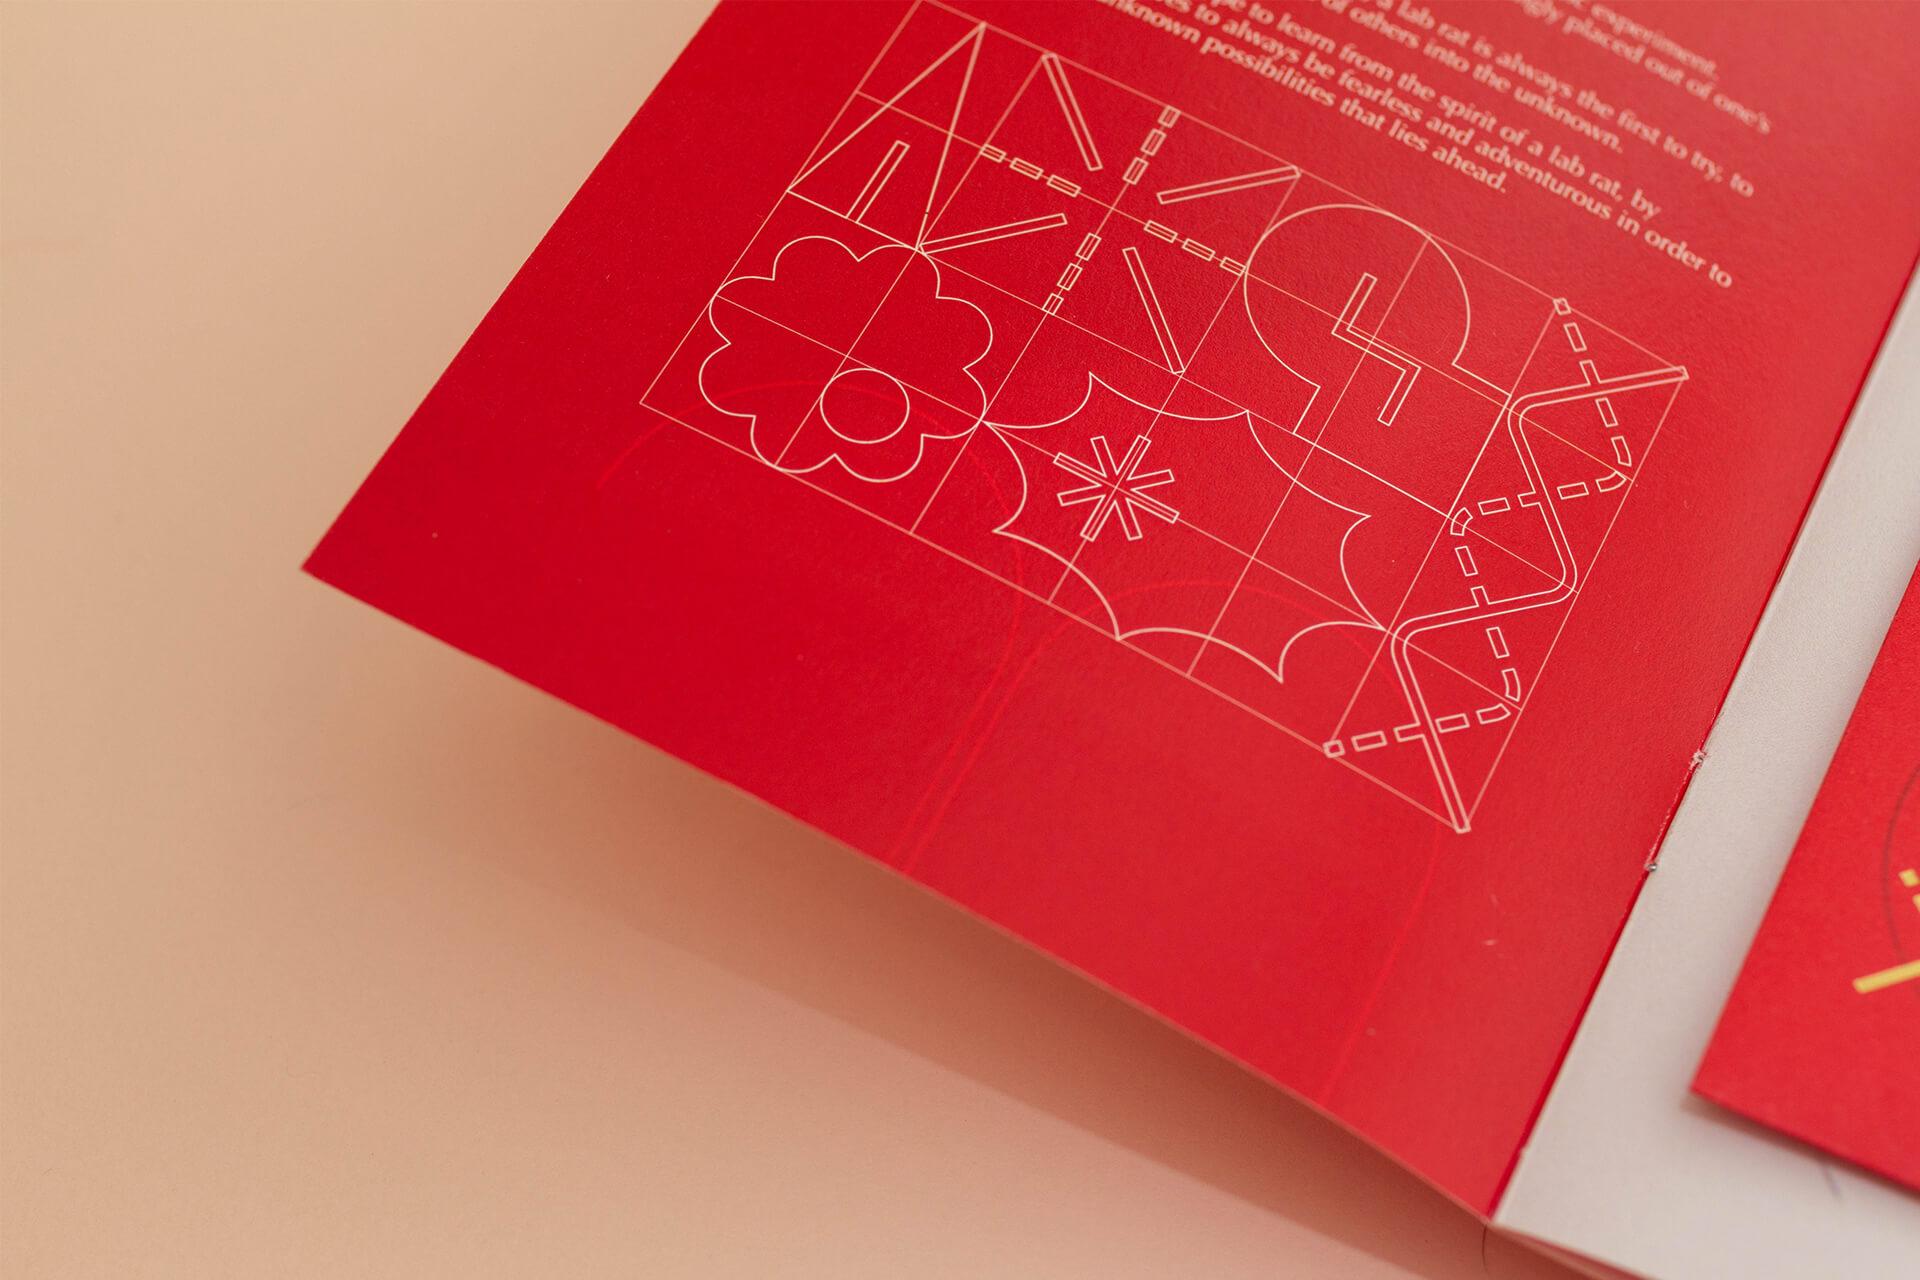 CNY 2020 Graphic Element